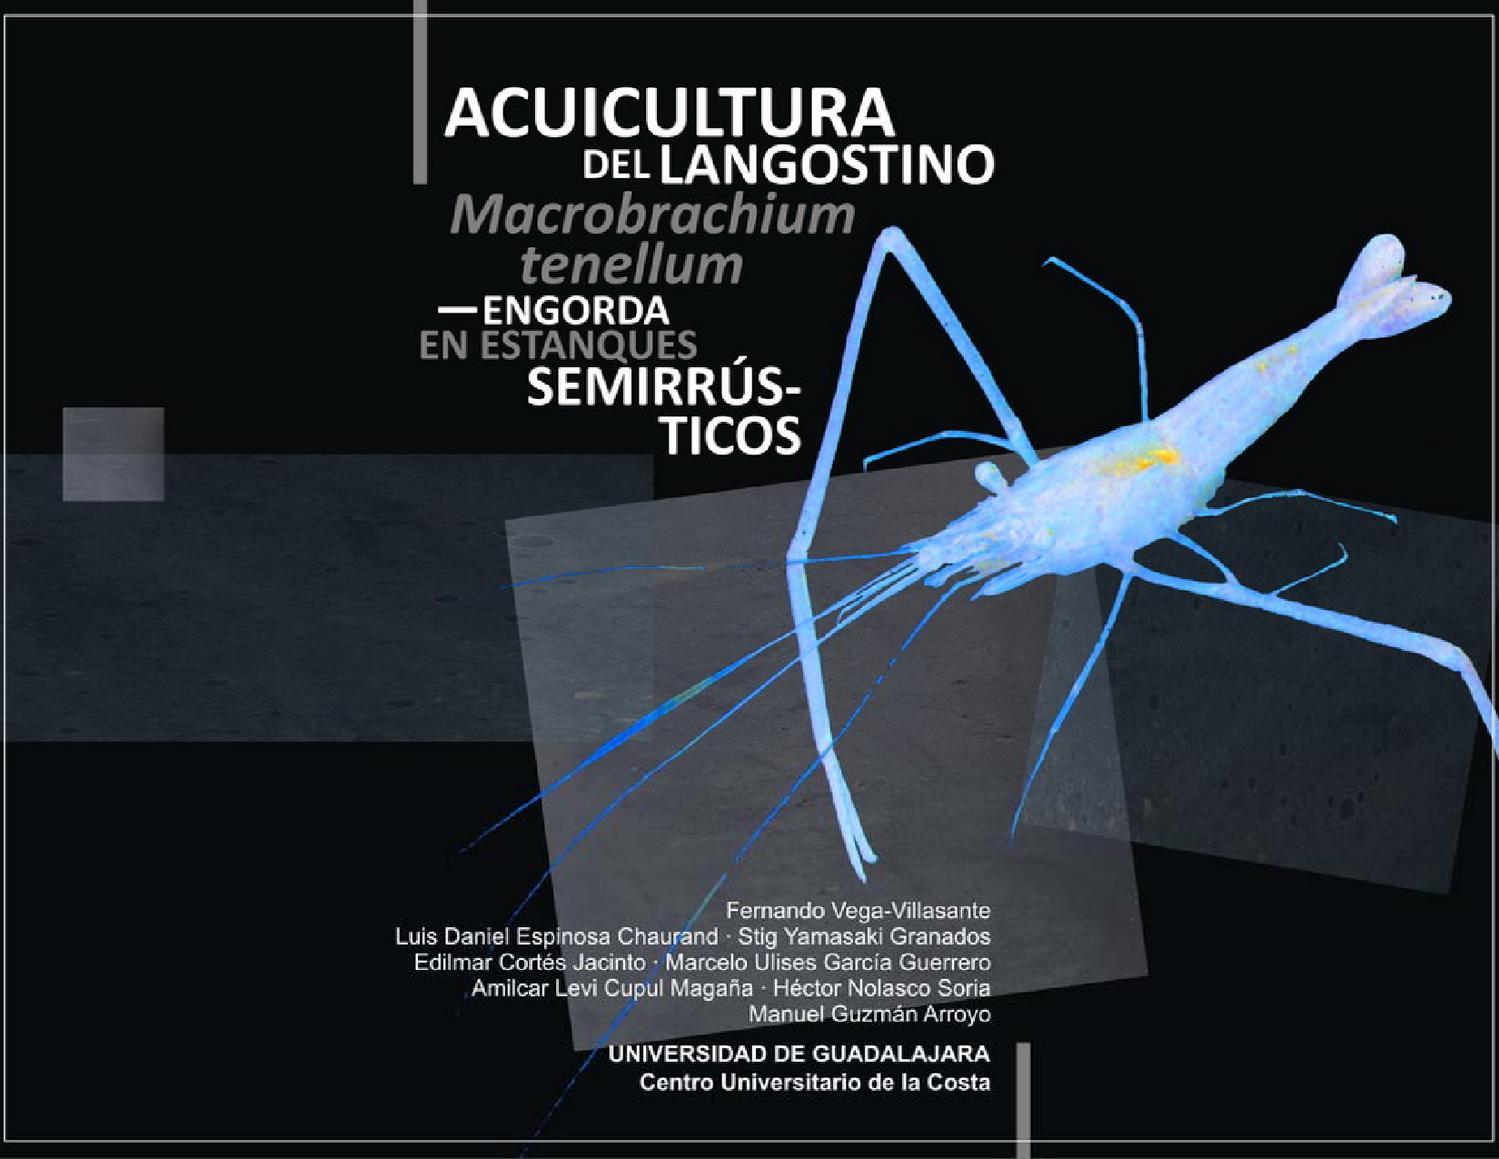 Acuicultura del langostino Macrobrachium tenellum by Fernando Vega ...